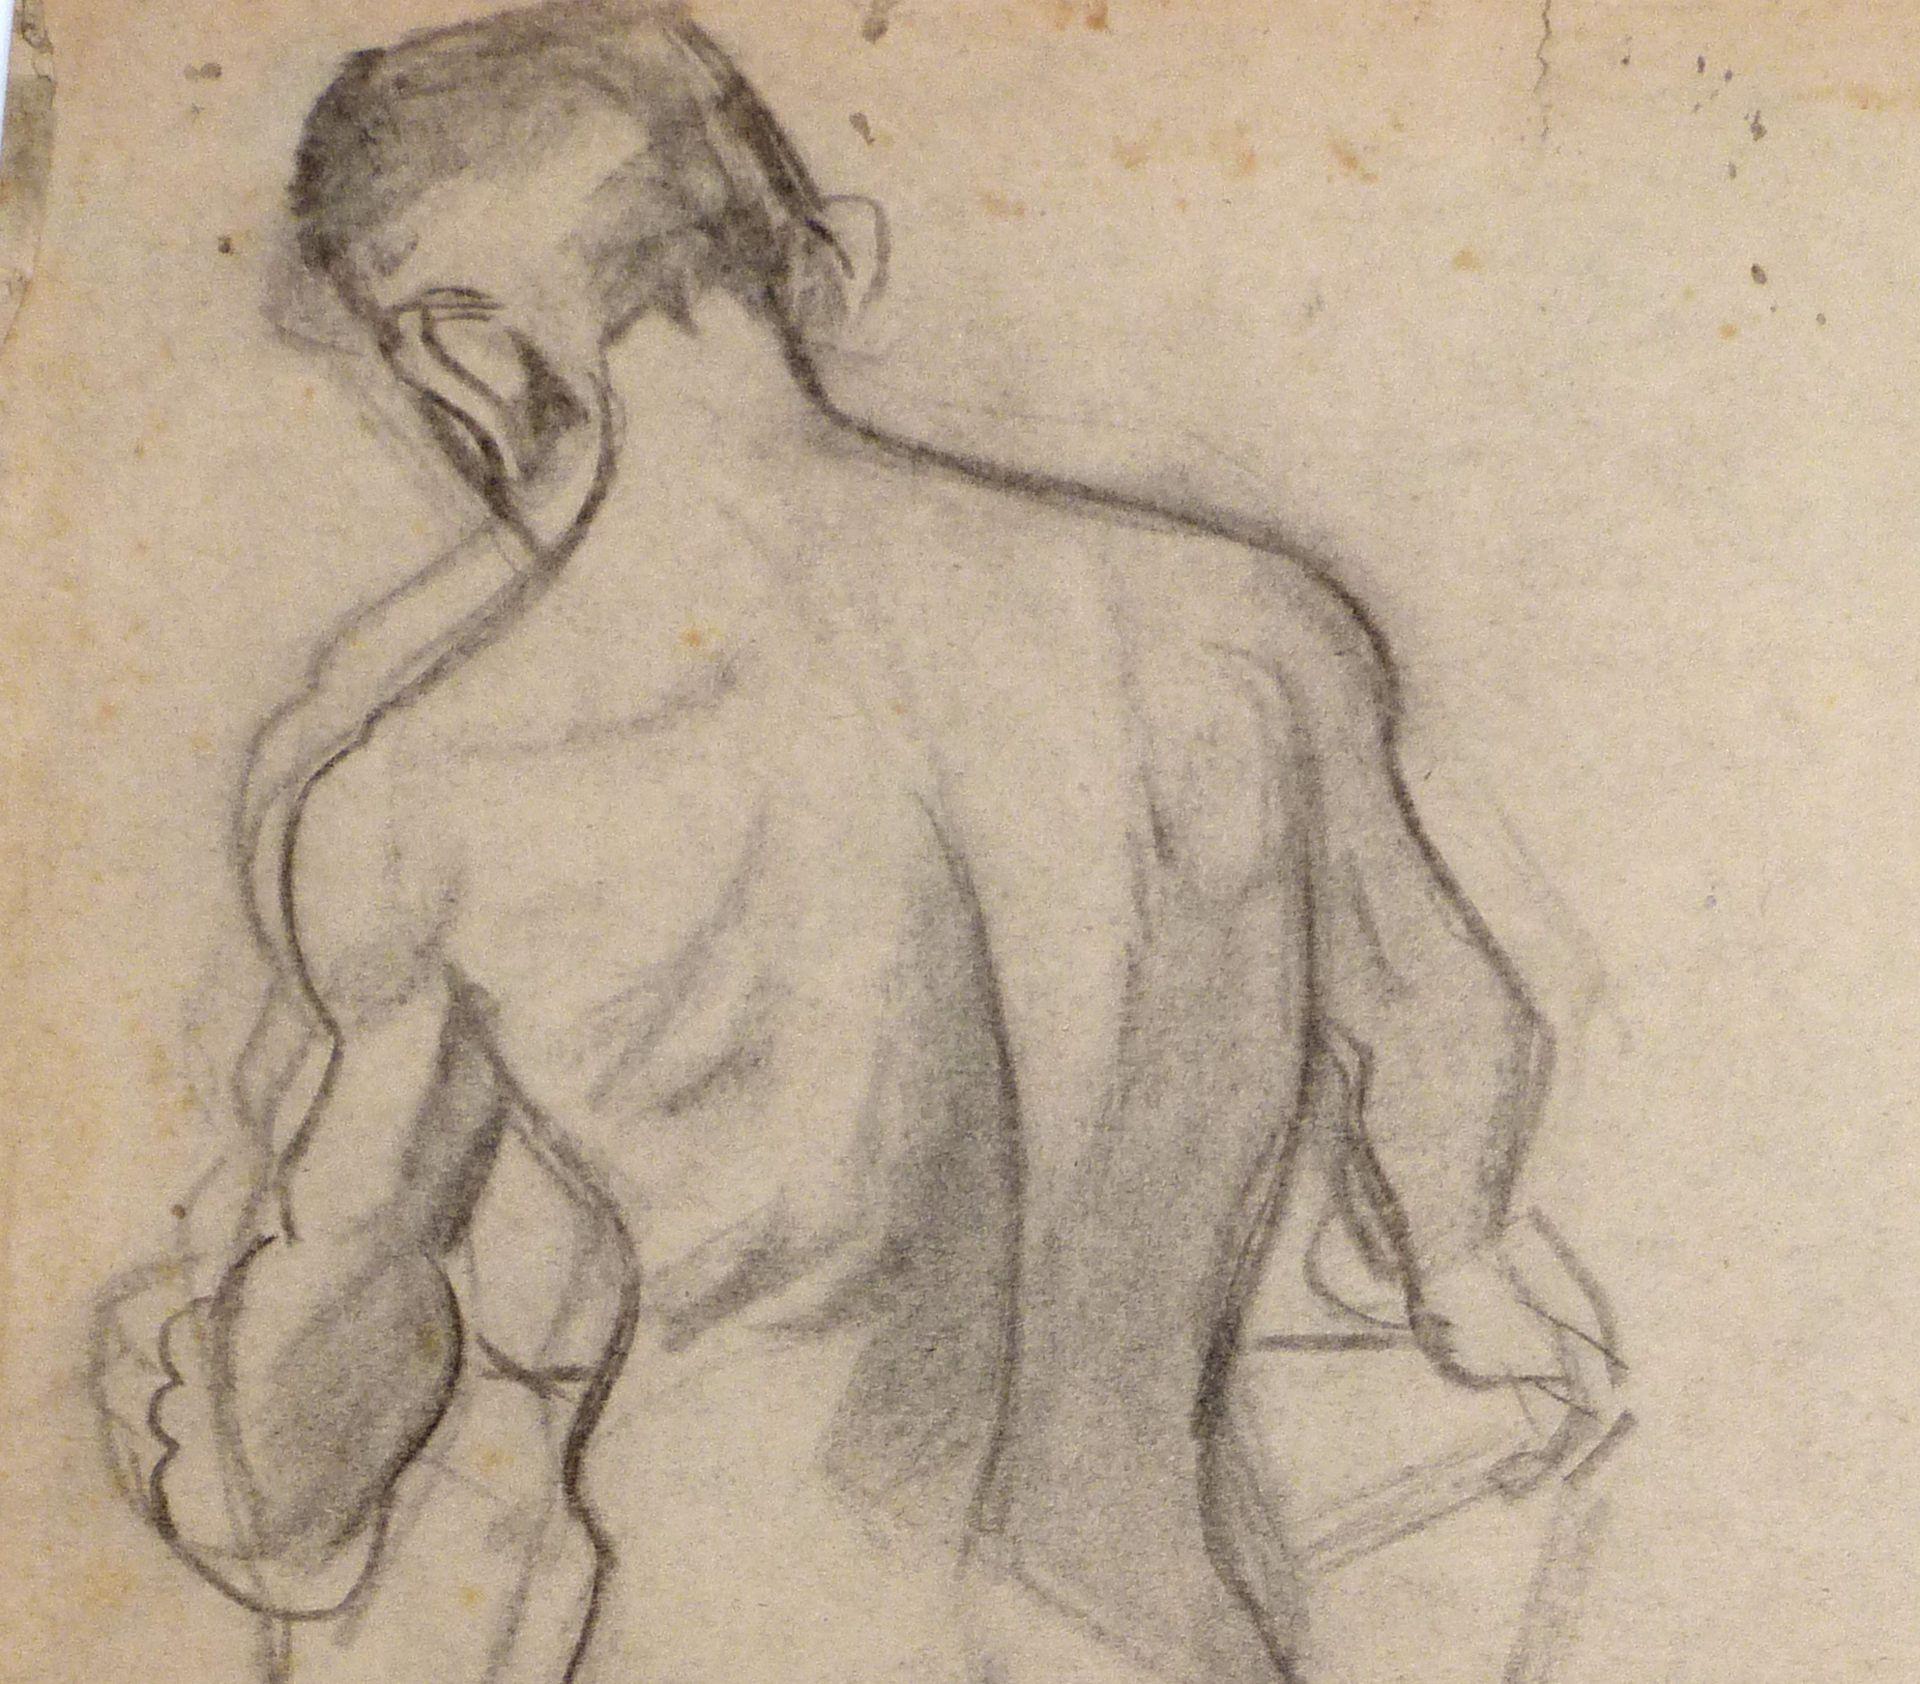 Aktstudie eines jungen Mannes Detail